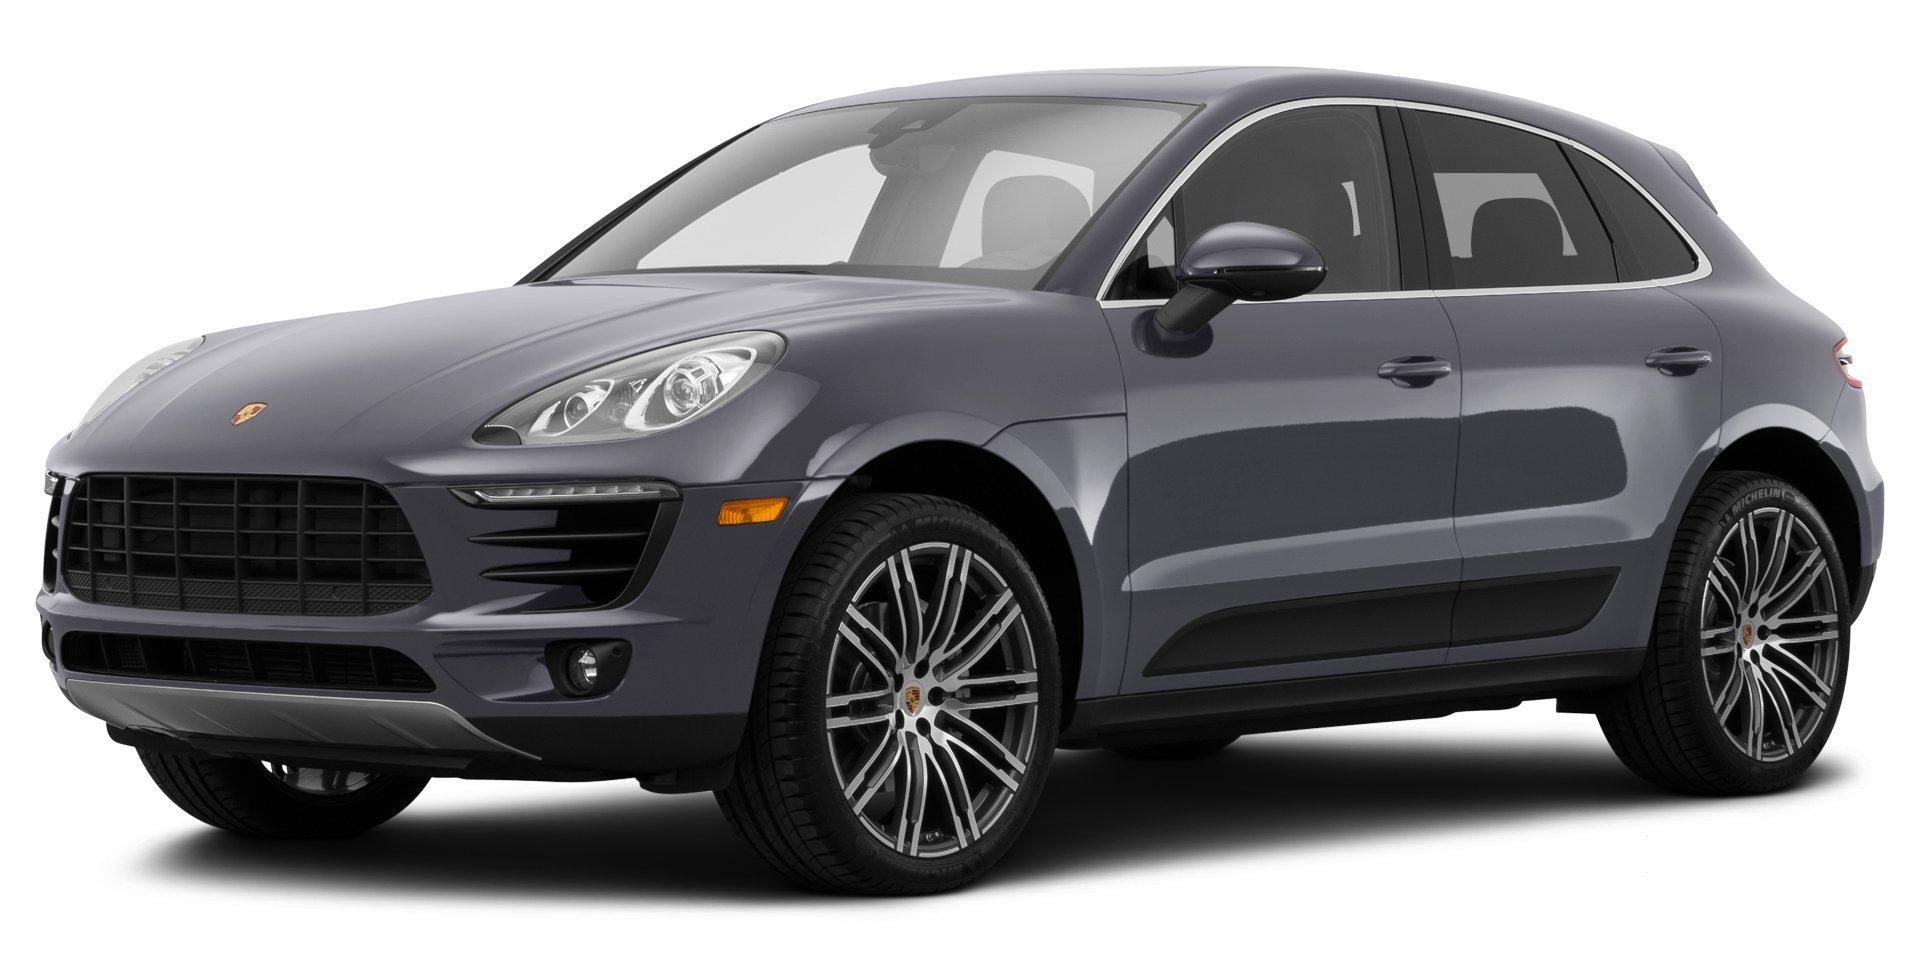 2015 Porsche Macan S, All Wheel Drive 4-Door ...